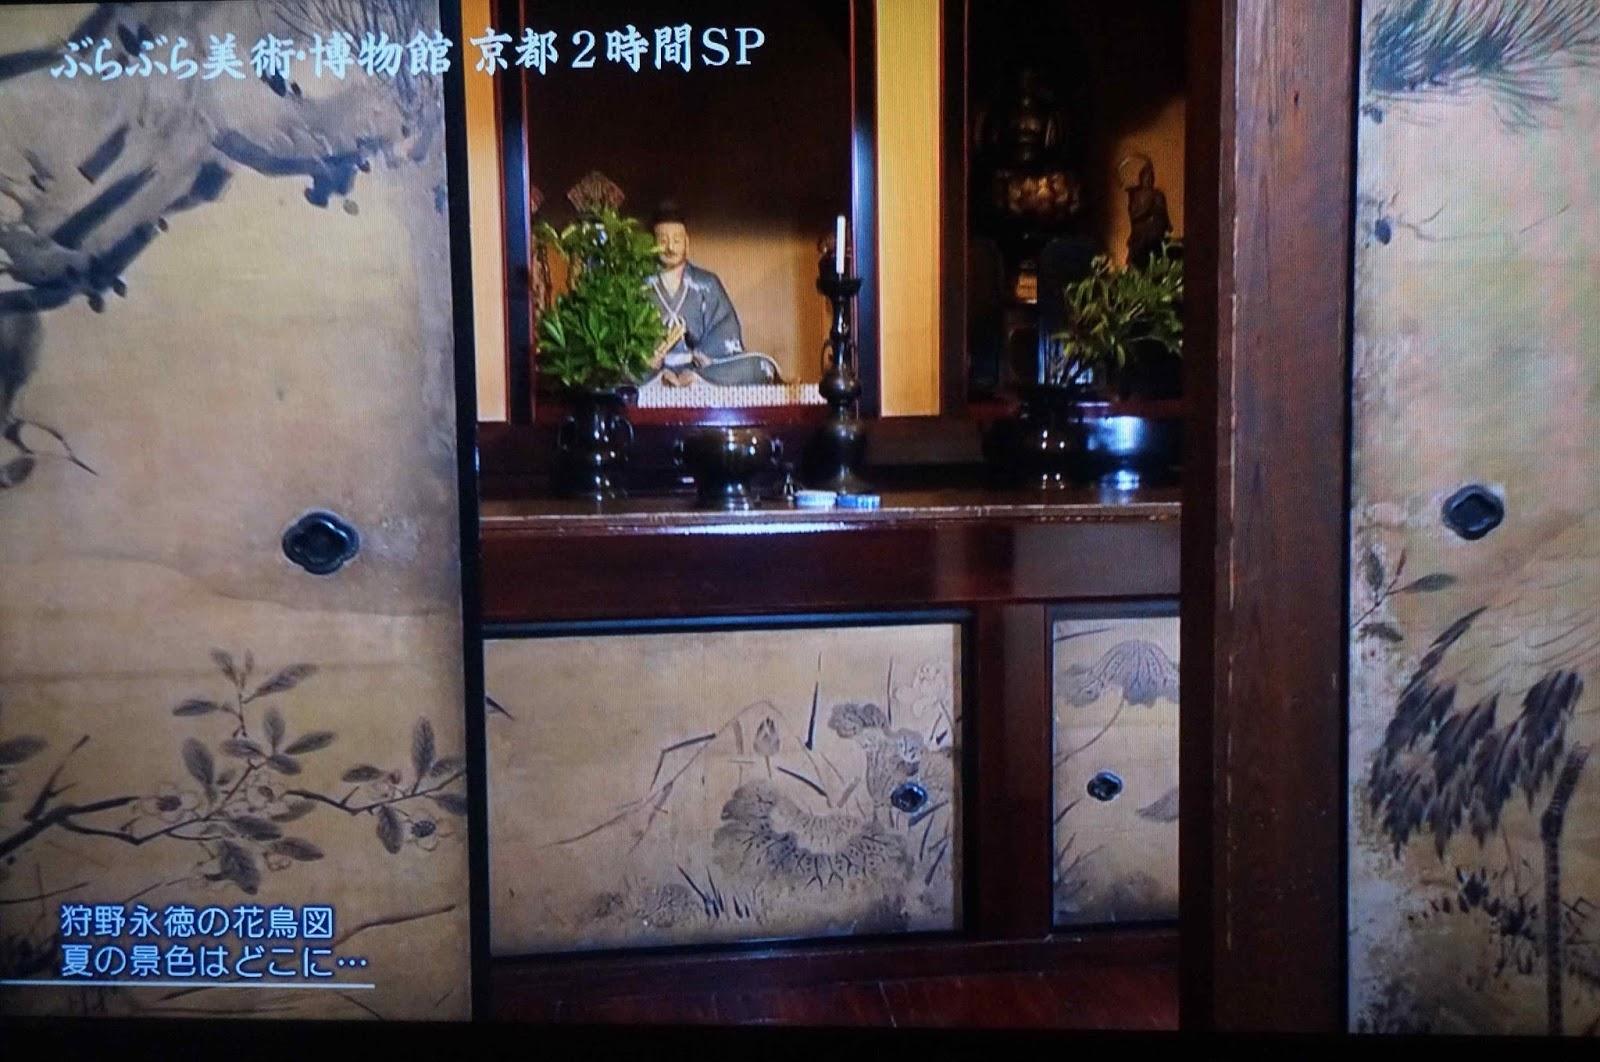 狩野松栄の画像 p1_19